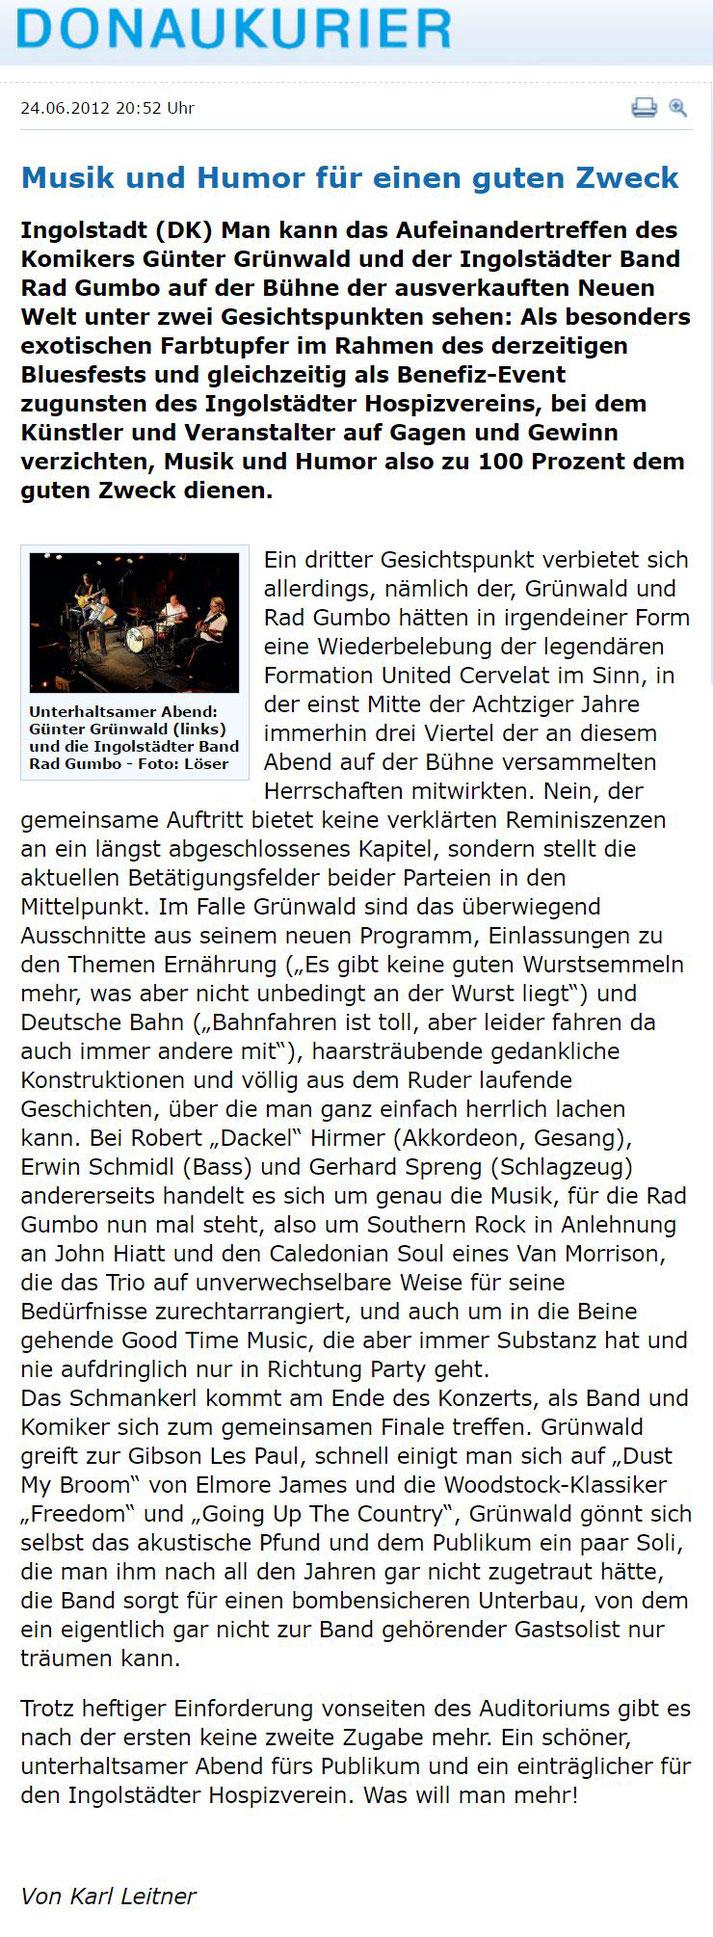 Rad Gumbo mit Günter Grünwald beim Benefizkonzert für den Hospizverein Ingolstadt 2012